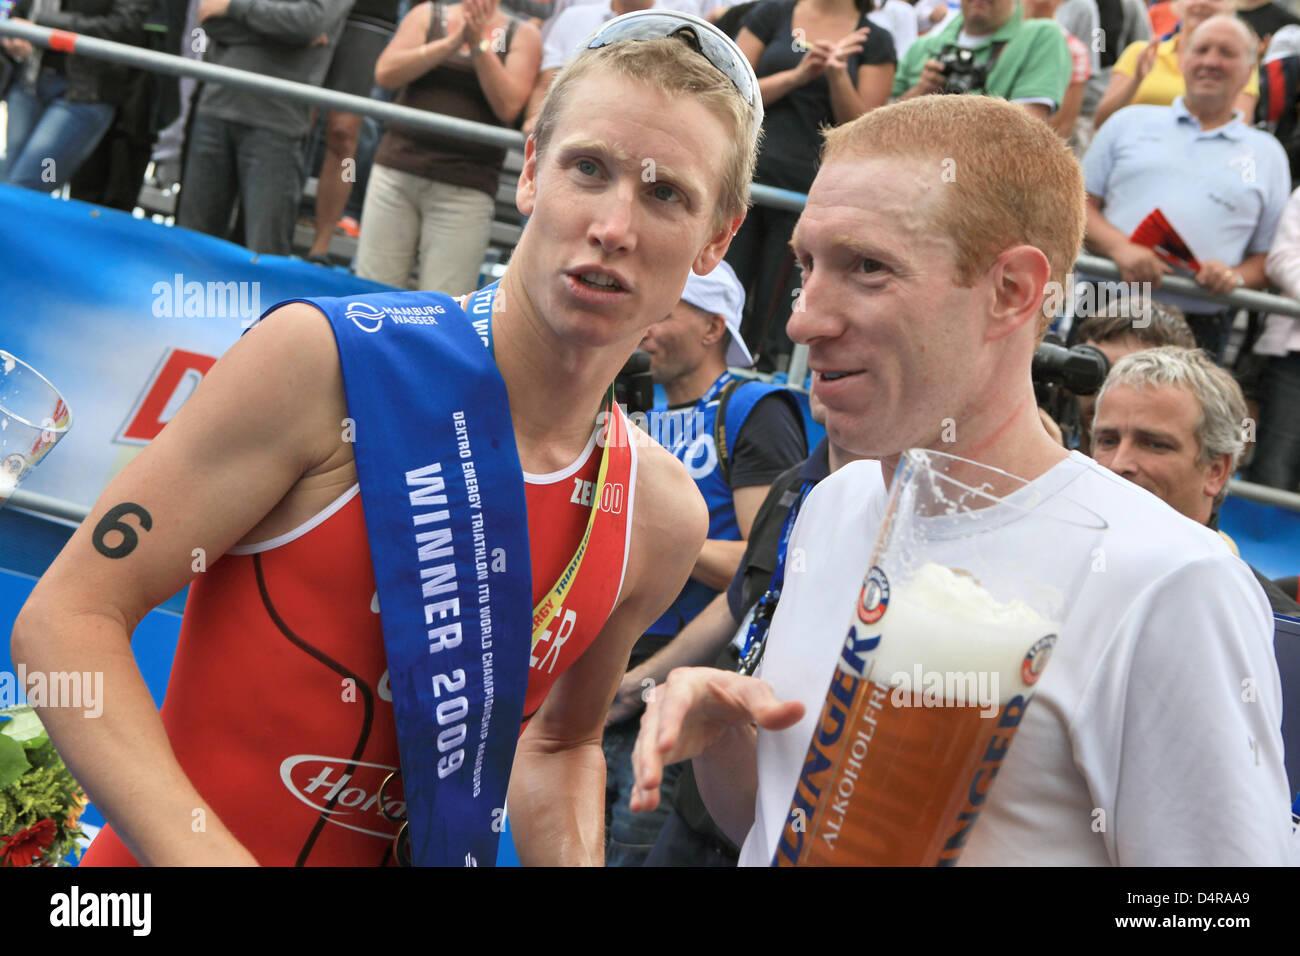 Noi vincitore Jarrod Shoemaker (L) condivide una birra con il suo connazionale Mark Fretta (R) presso l'ITU Immagini Stock